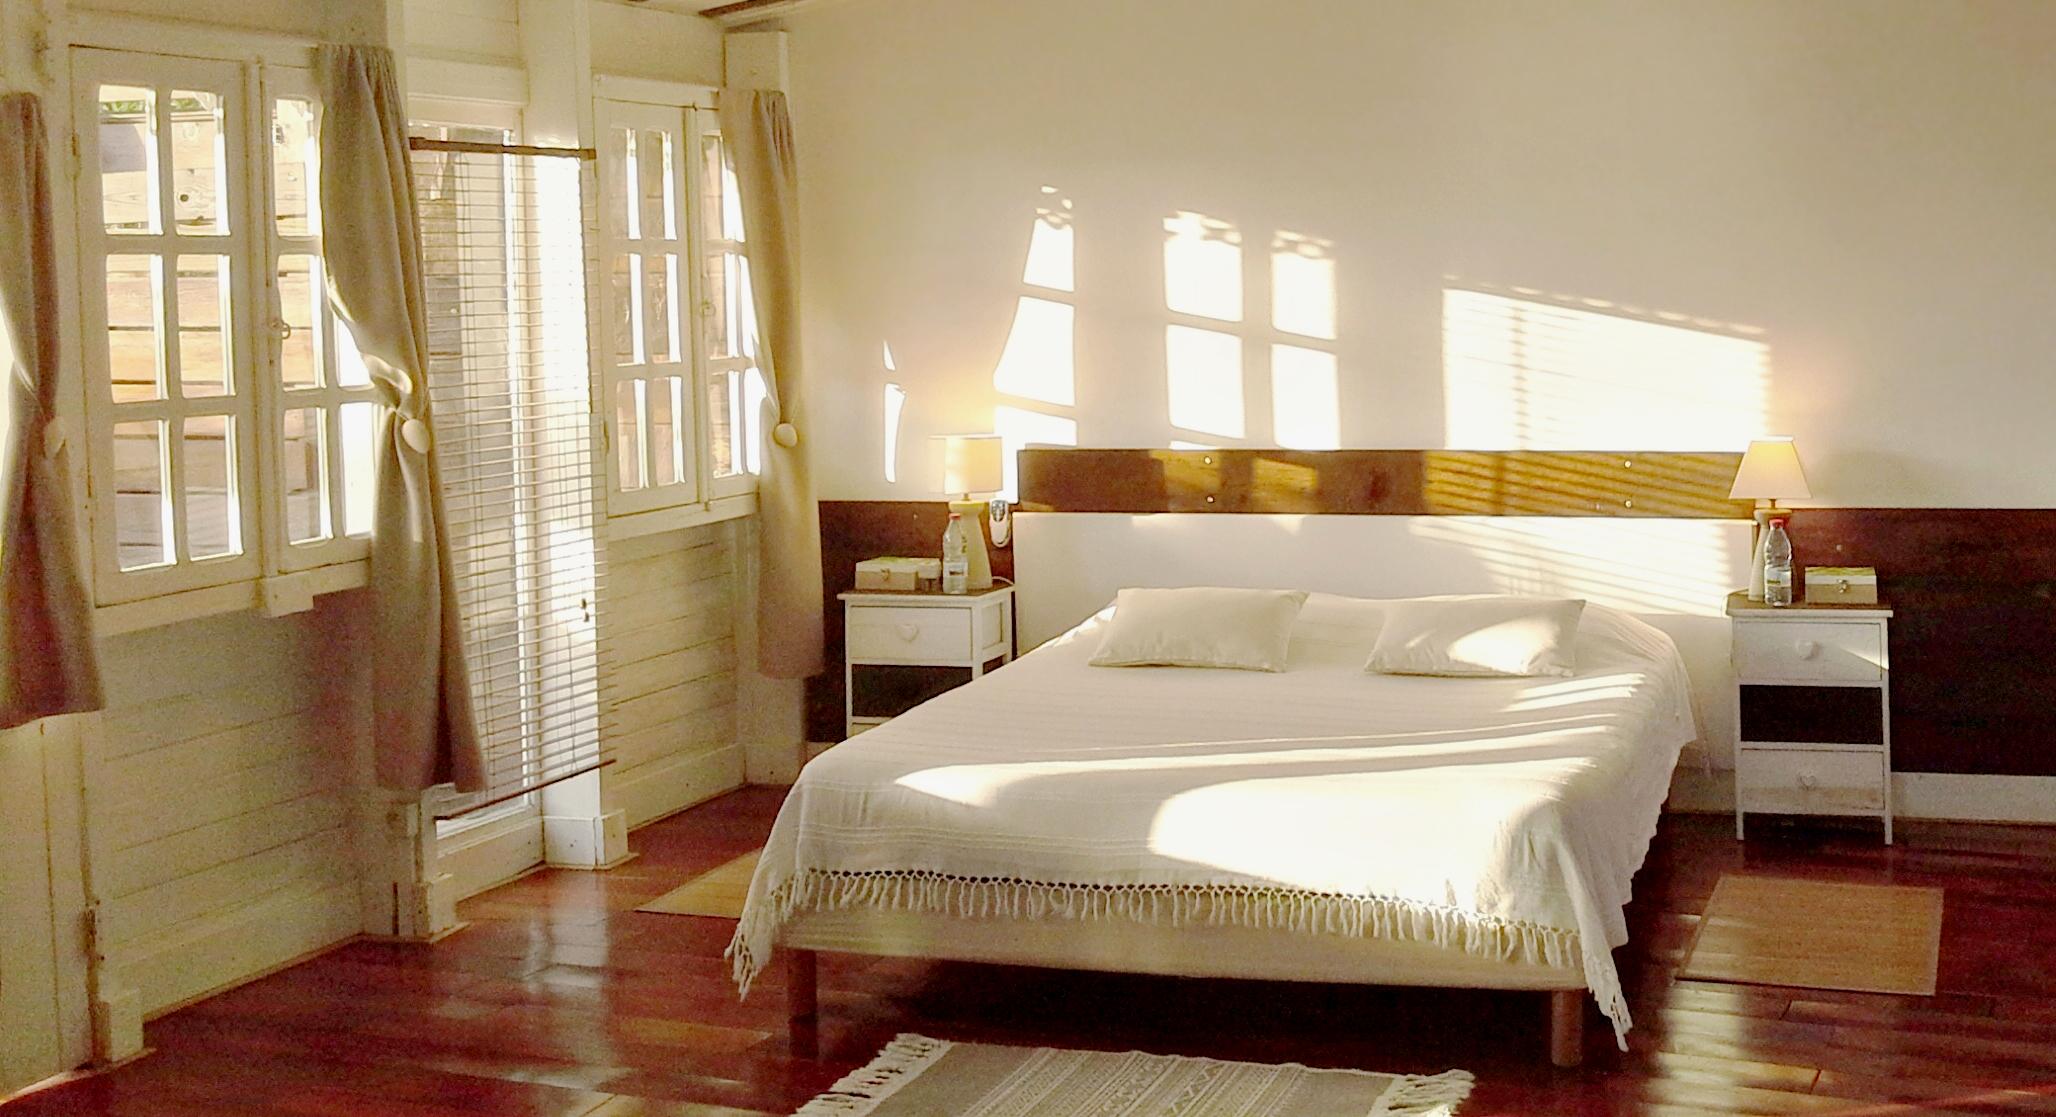 chambre-confortable-la-maison-claire